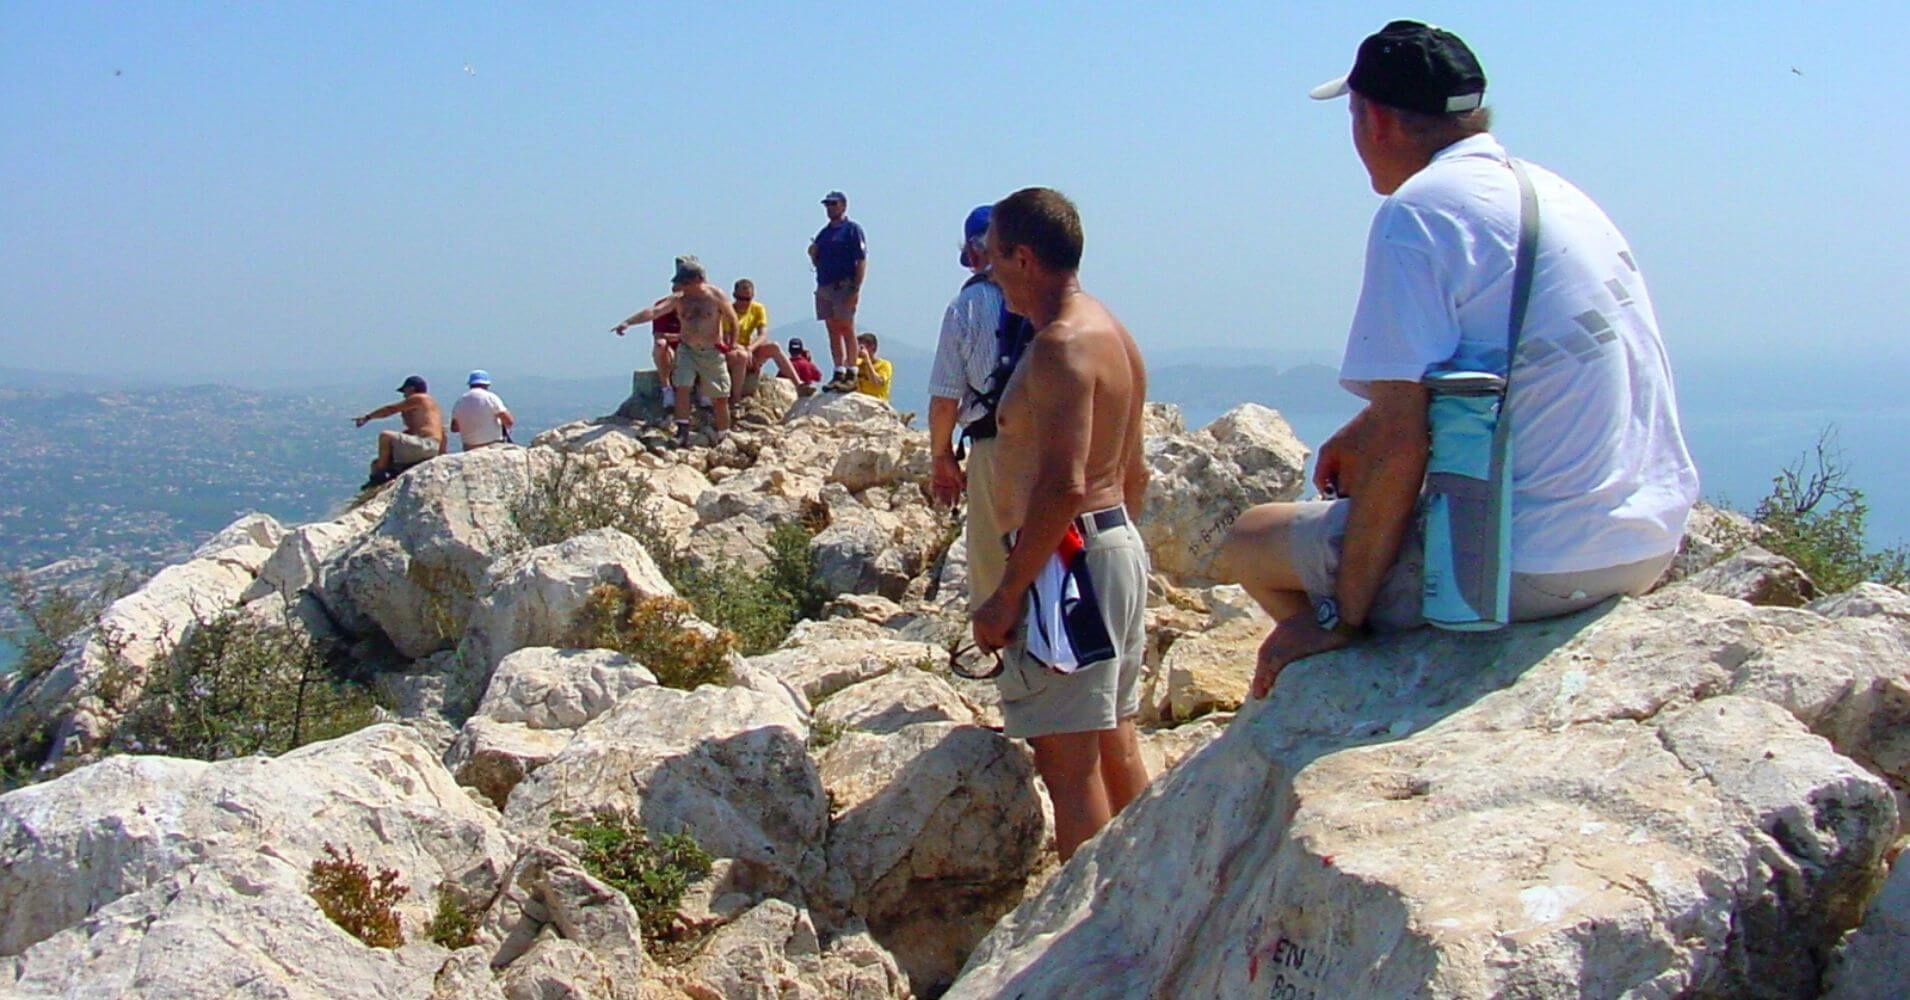 Cumbre del Peñón de Ifach. Calpe, Alicante. Comunidad Valenciana.